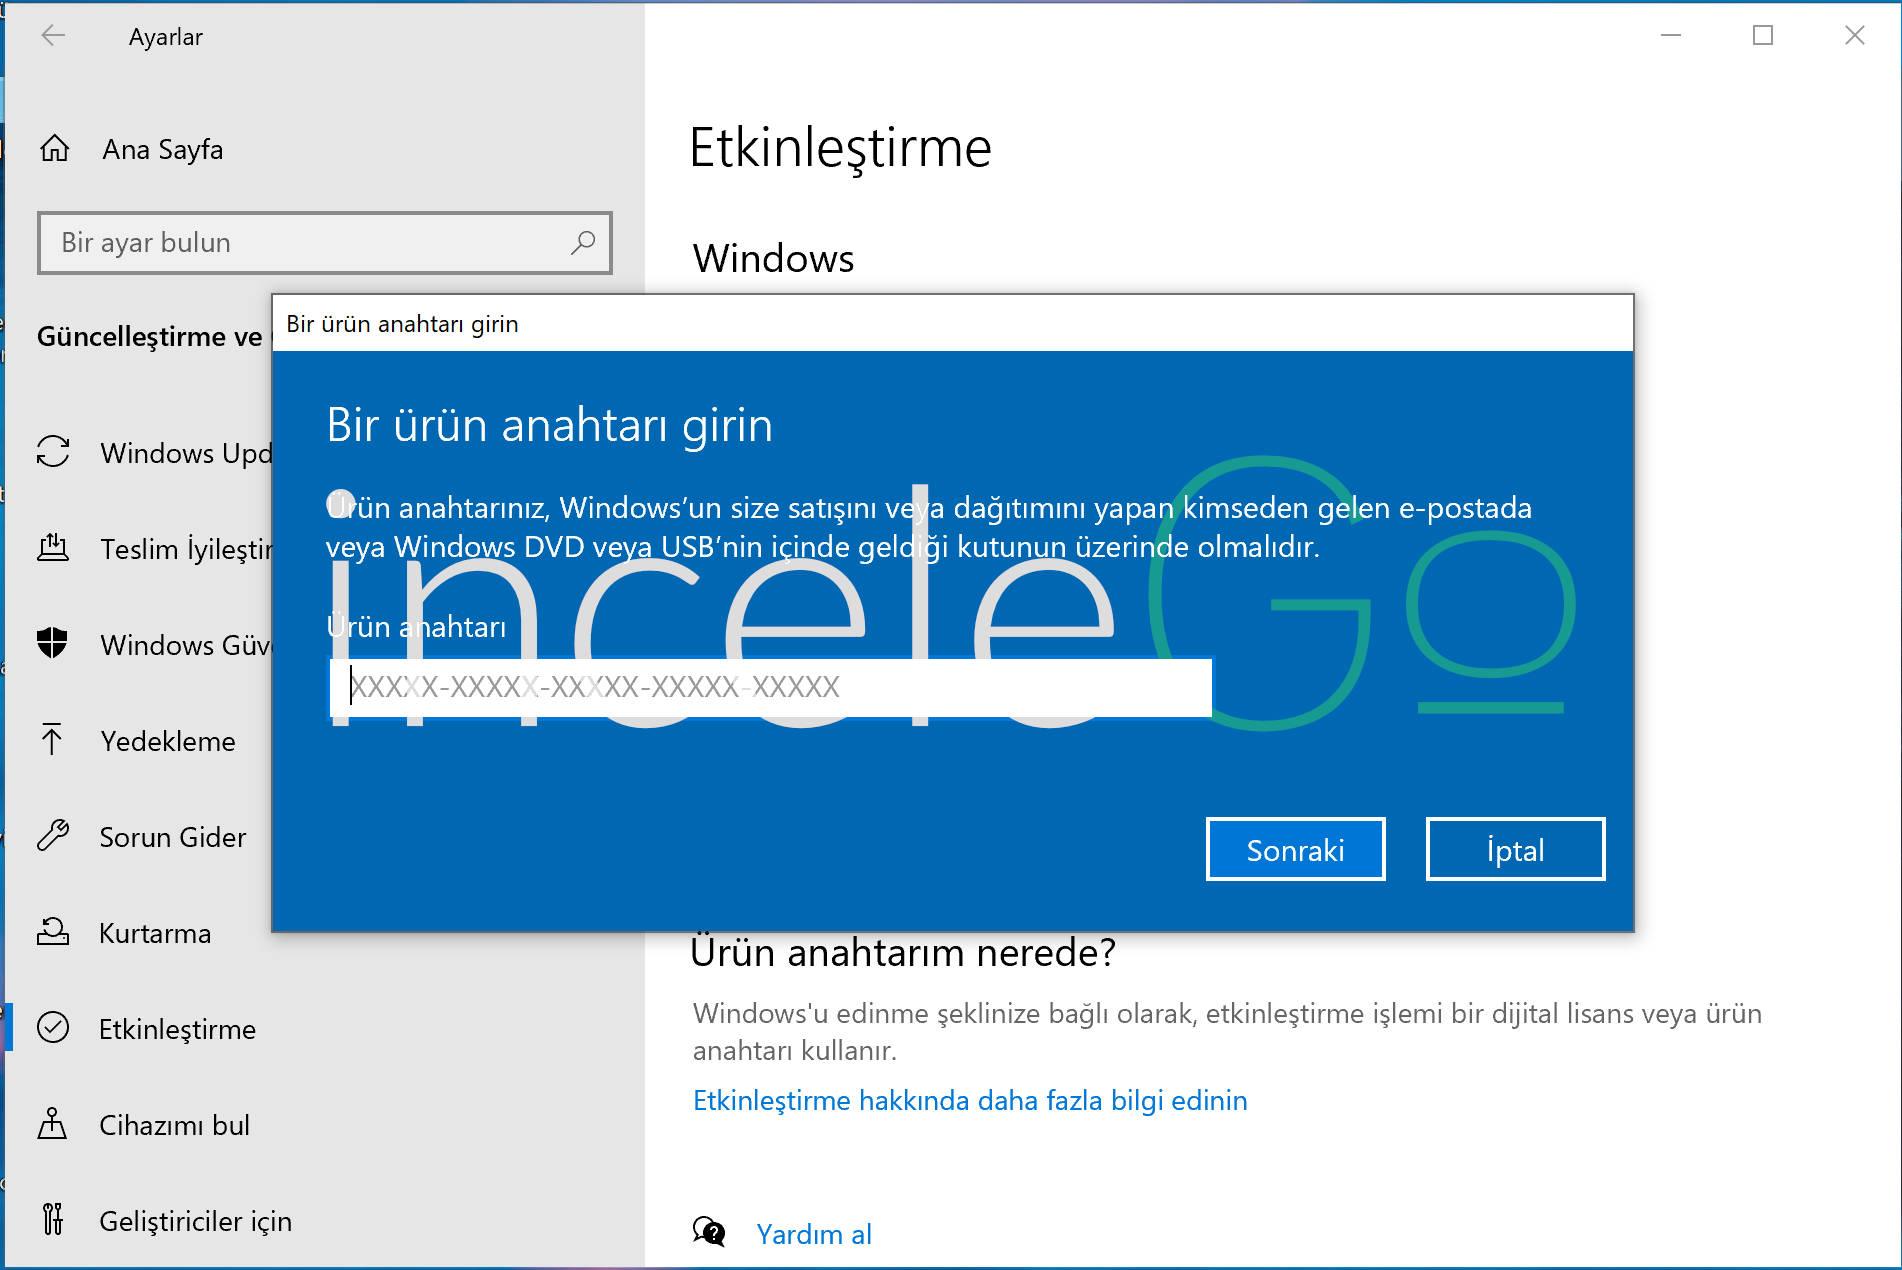 Windows 10 Bedava Etkinleştirme CMD (Programsız)